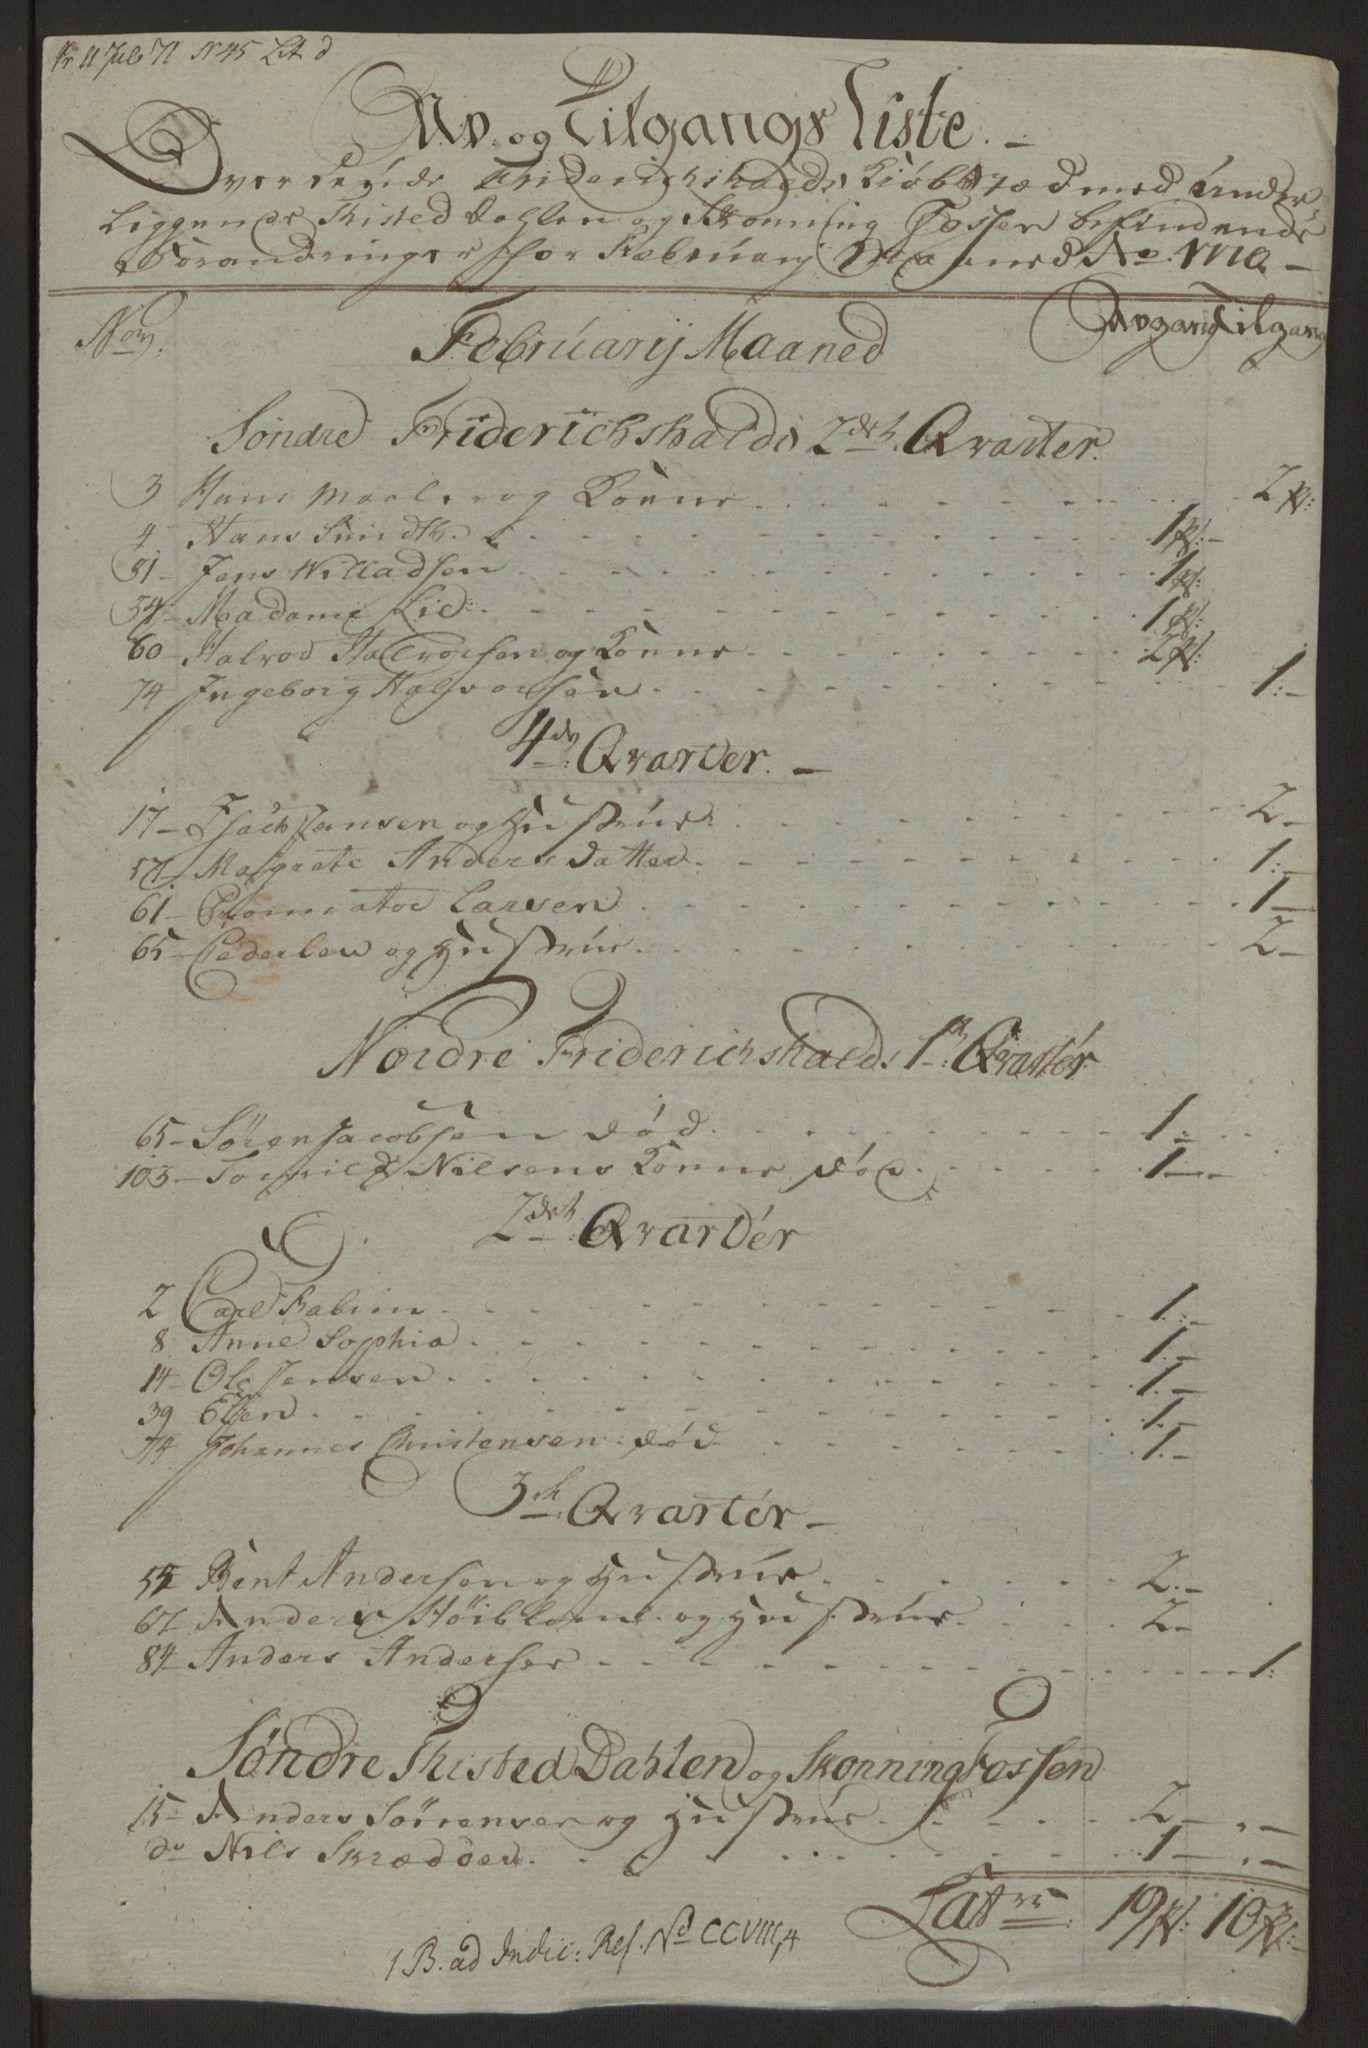 RA, Rentekammeret inntil 1814, Reviderte regnskaper, Byregnskaper, R/Ra/L0006: [A4] Kontribusjonsregnskap, 1762-1772, s. 202